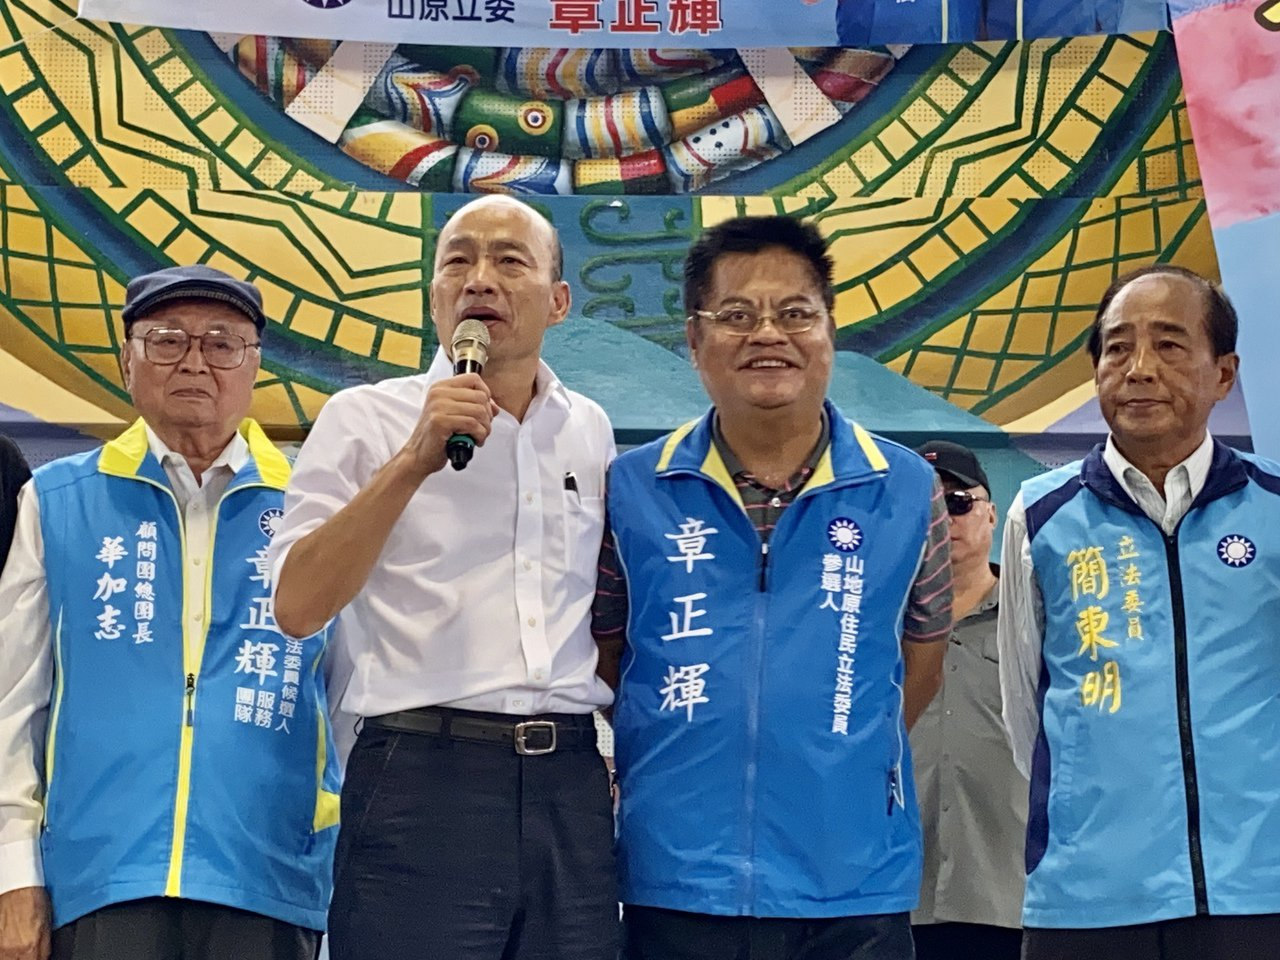 國民黨今天在來義鄉進行固本會報,為章正輝拉抬聲勢、鞏固選民支持度。並請韓國瑜到場...